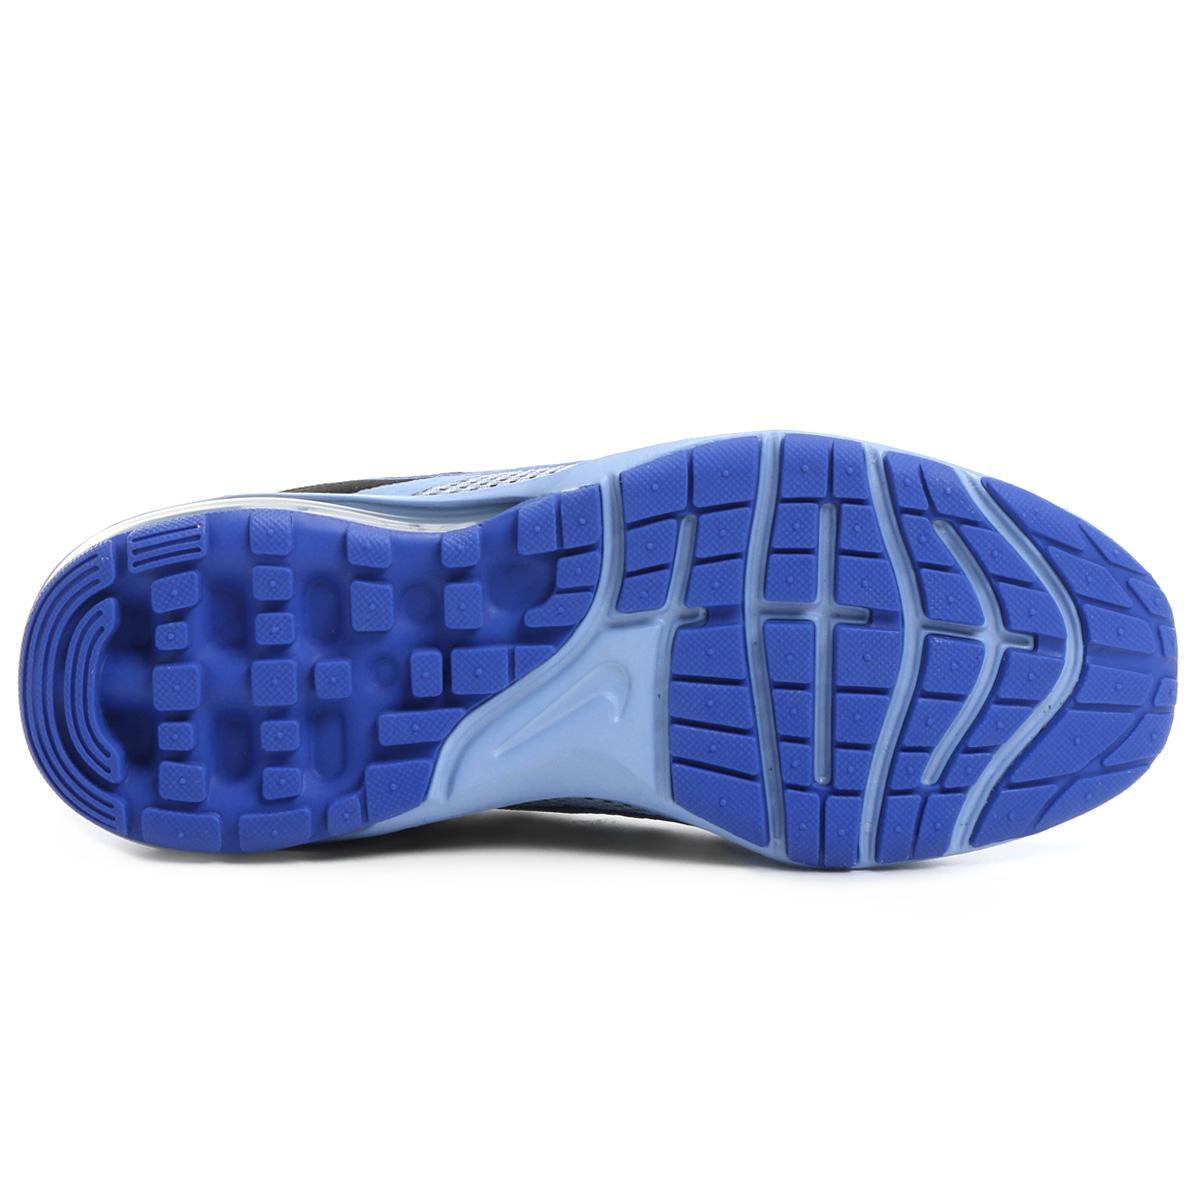 Tênis Nike Air Max Dynasty 2 Feminino - Preto e Azul - Compre Agora ... 66e7191d3fecc